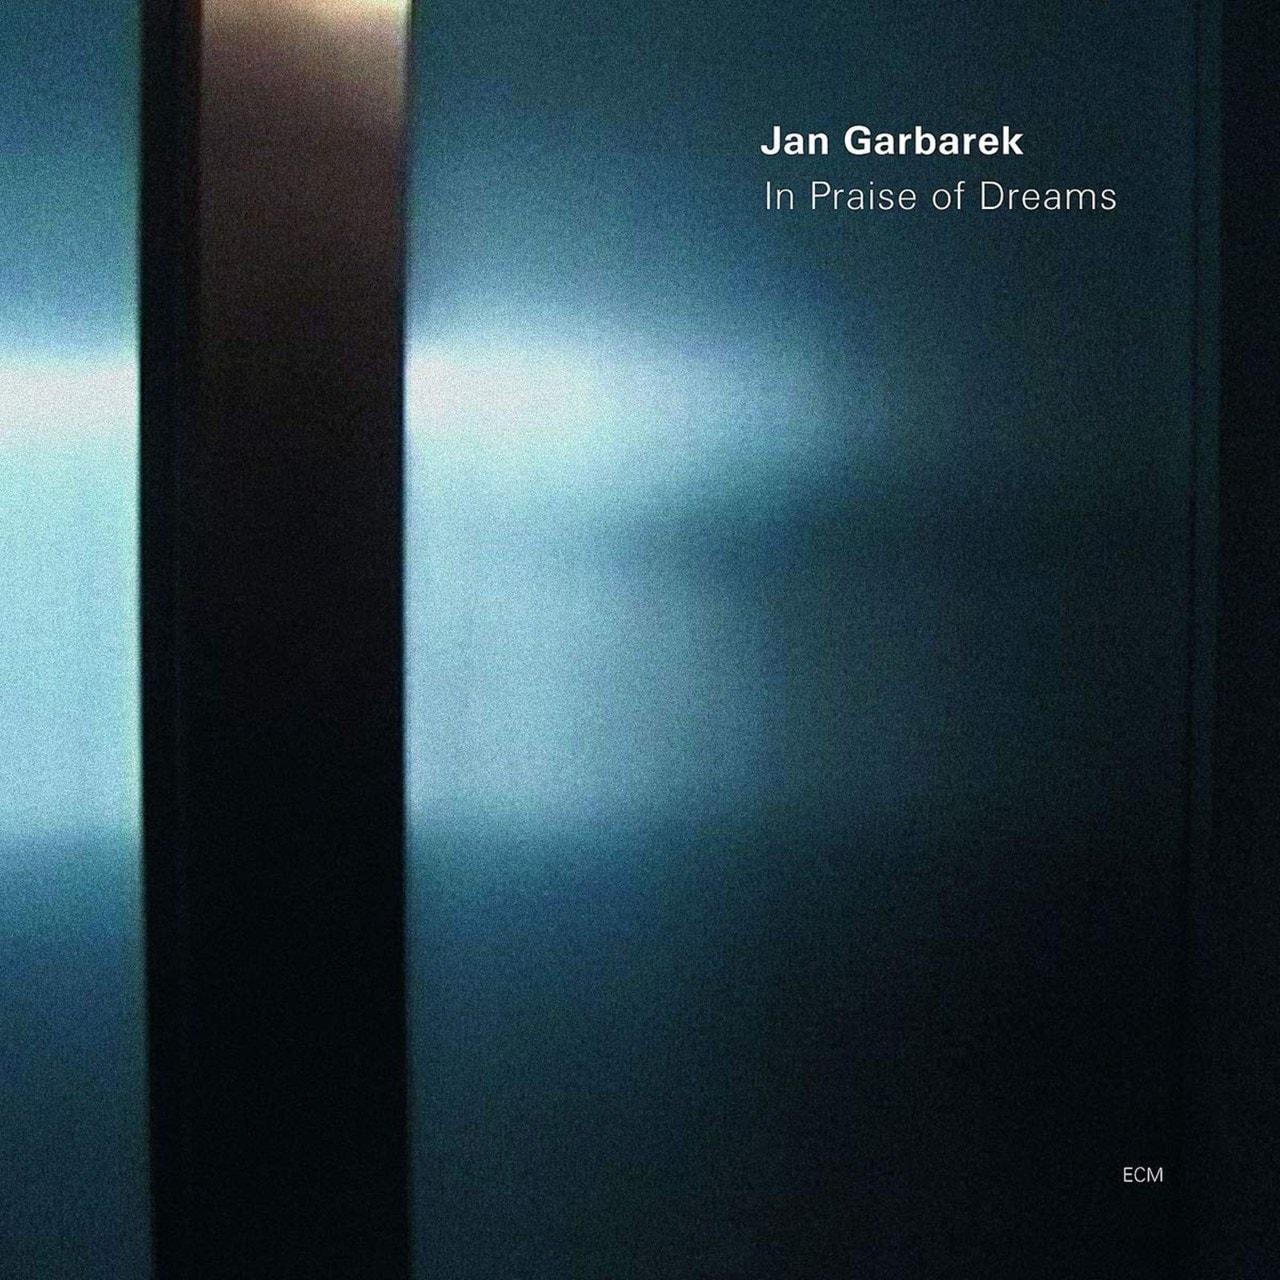 In Praise of Dreams - 1